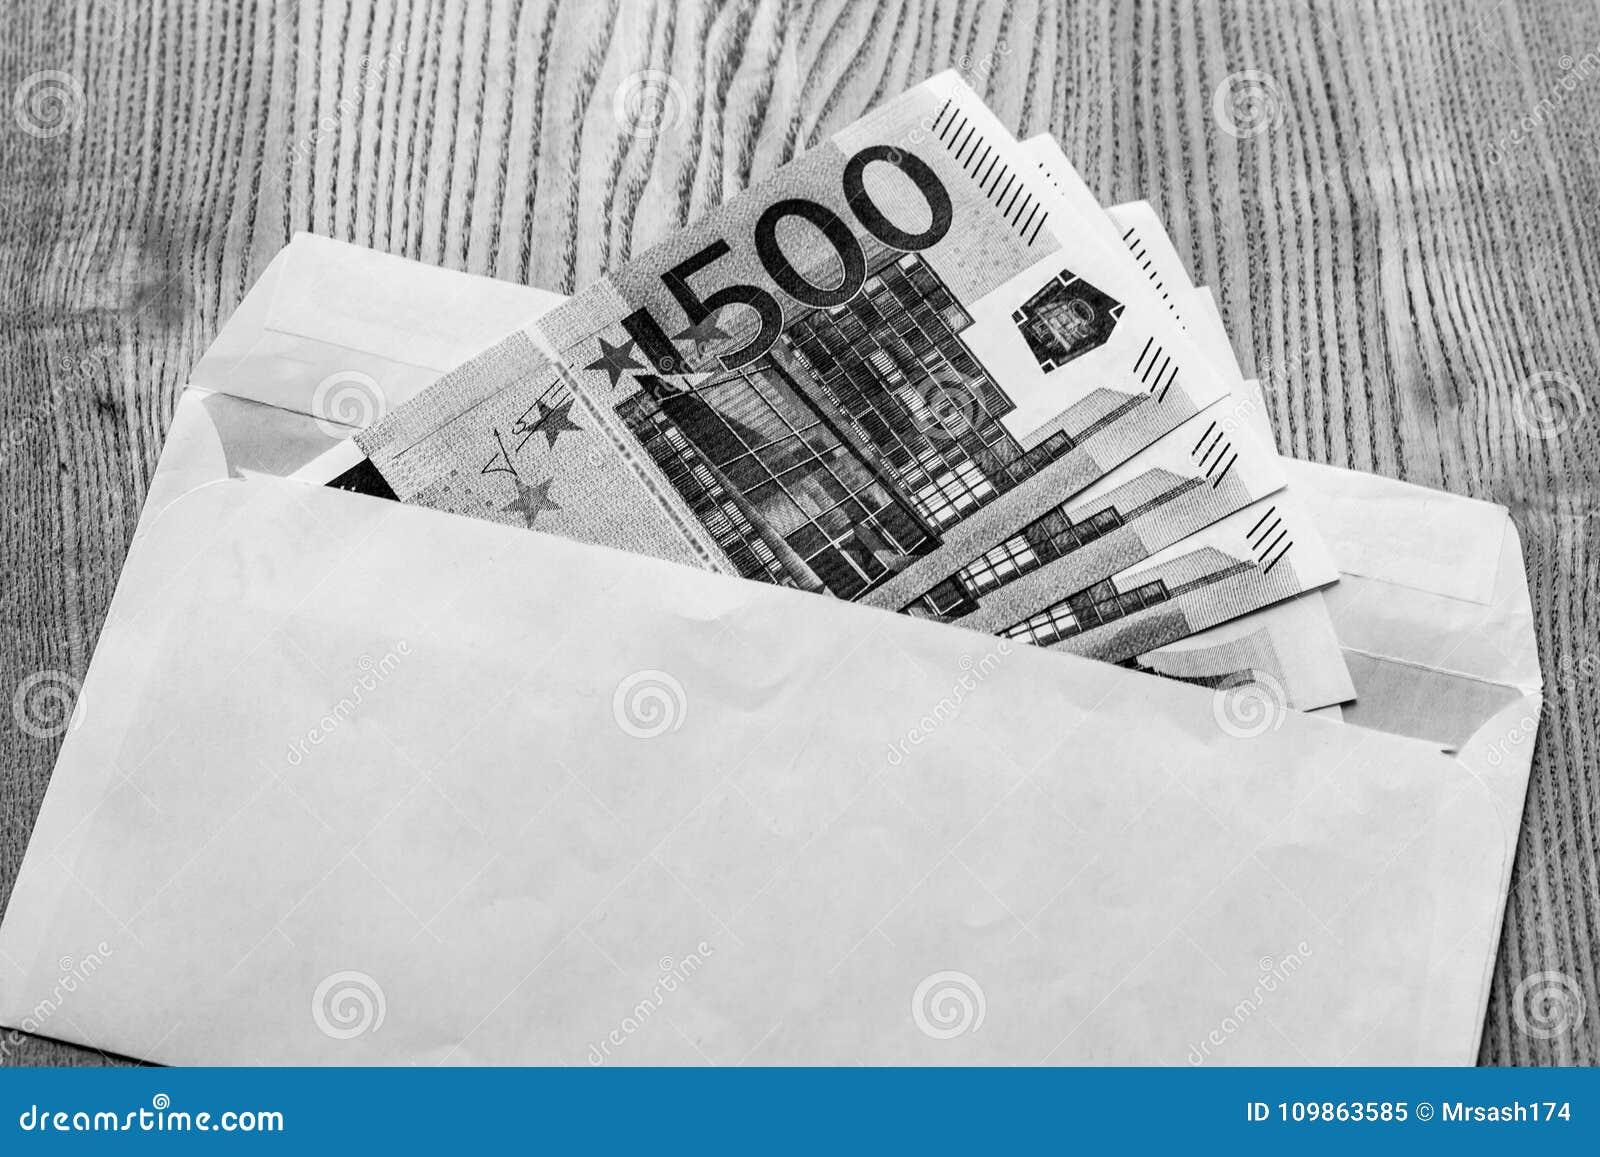 a68576072 Billetes de banco euro en un sobre blanco en un fondo de madera en color  blanco y negro Un presente del regalo Soborno del efectivo Sueldo negro en  un sobre ...